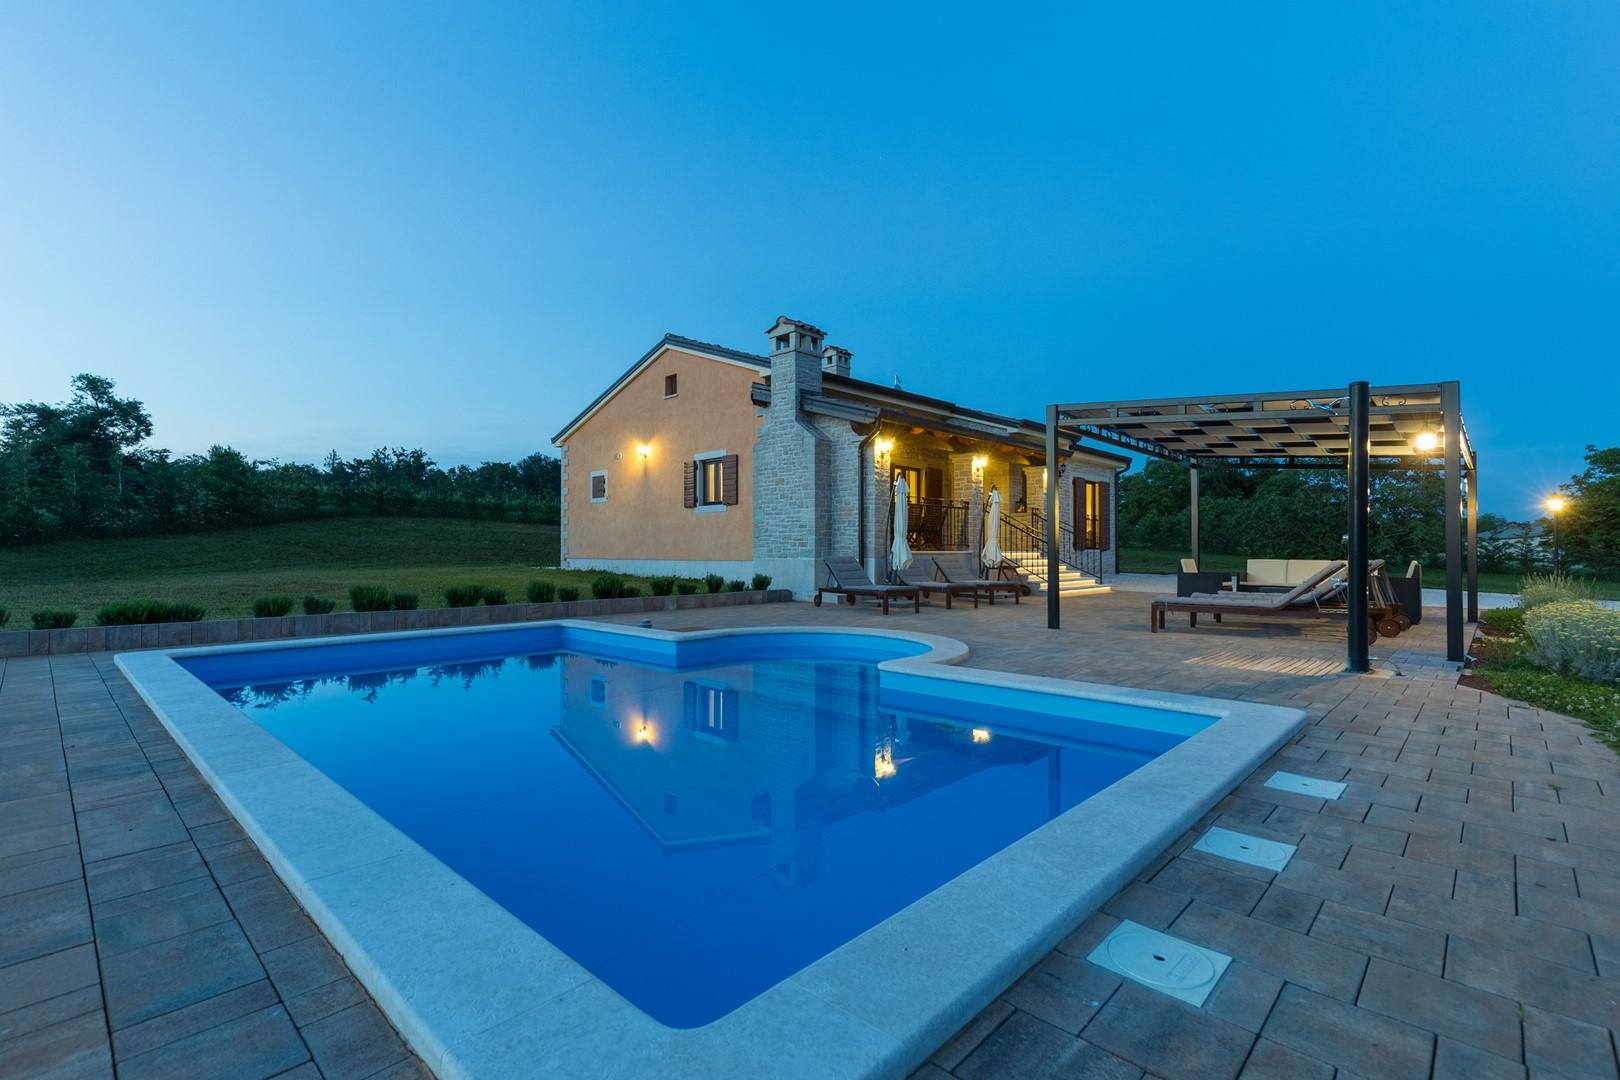 Ferienhaus Villa Elida mit Pool in abgelegene Lage - Zentral-Istrien (2789996), Pazin, , Istrien, Kroatien, Bild 7